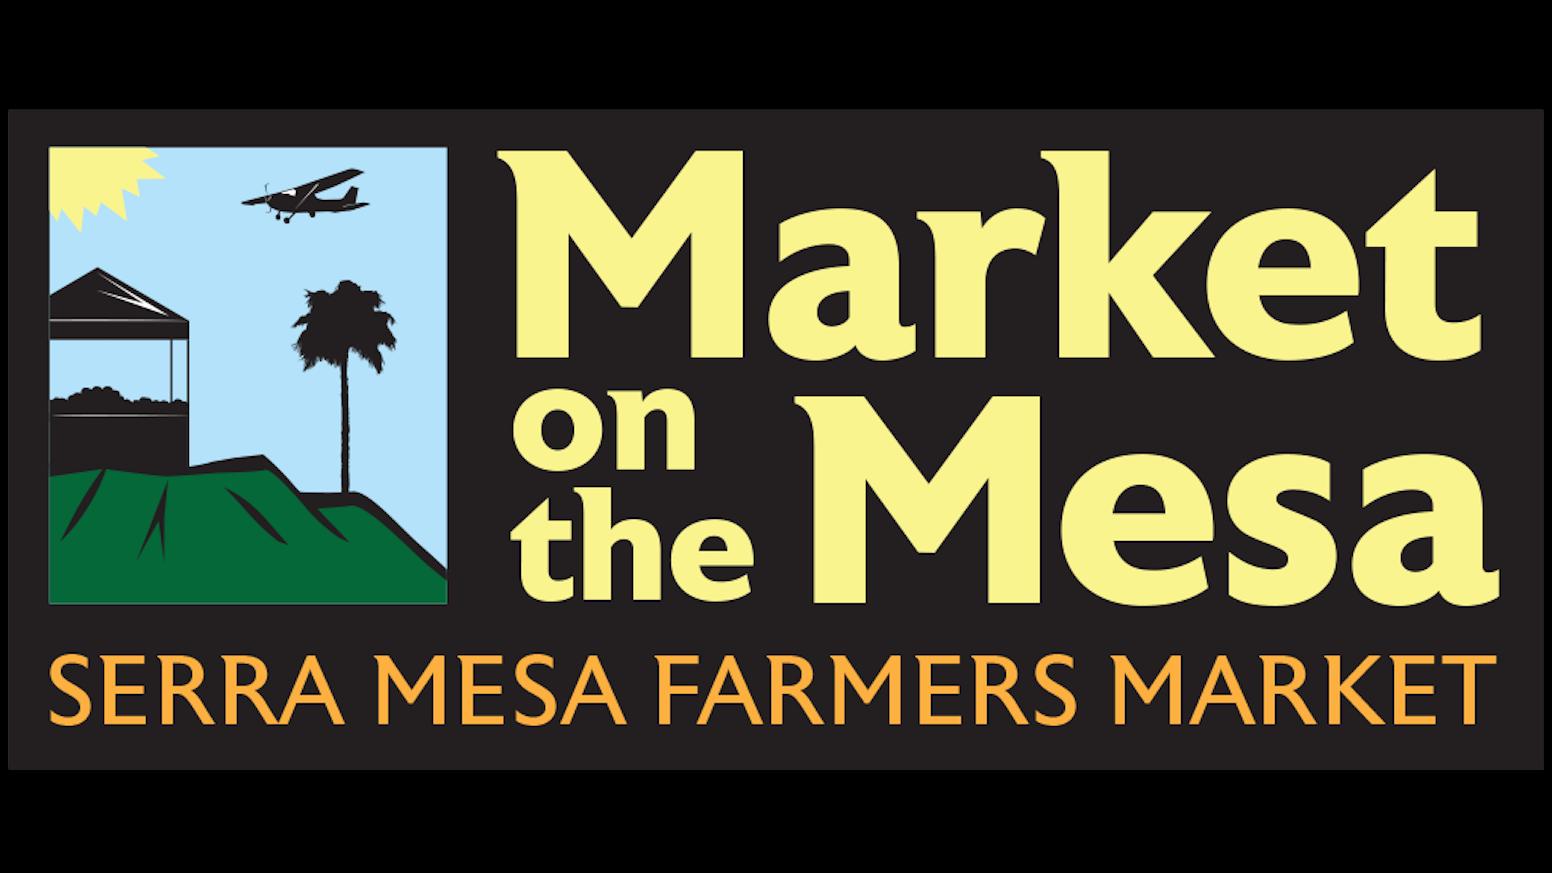 Vendor application: http://www.sdmarketmanager.com/wb/pages/becoming-a-vendor.phpWe're on FB @serramesafarmersmarket